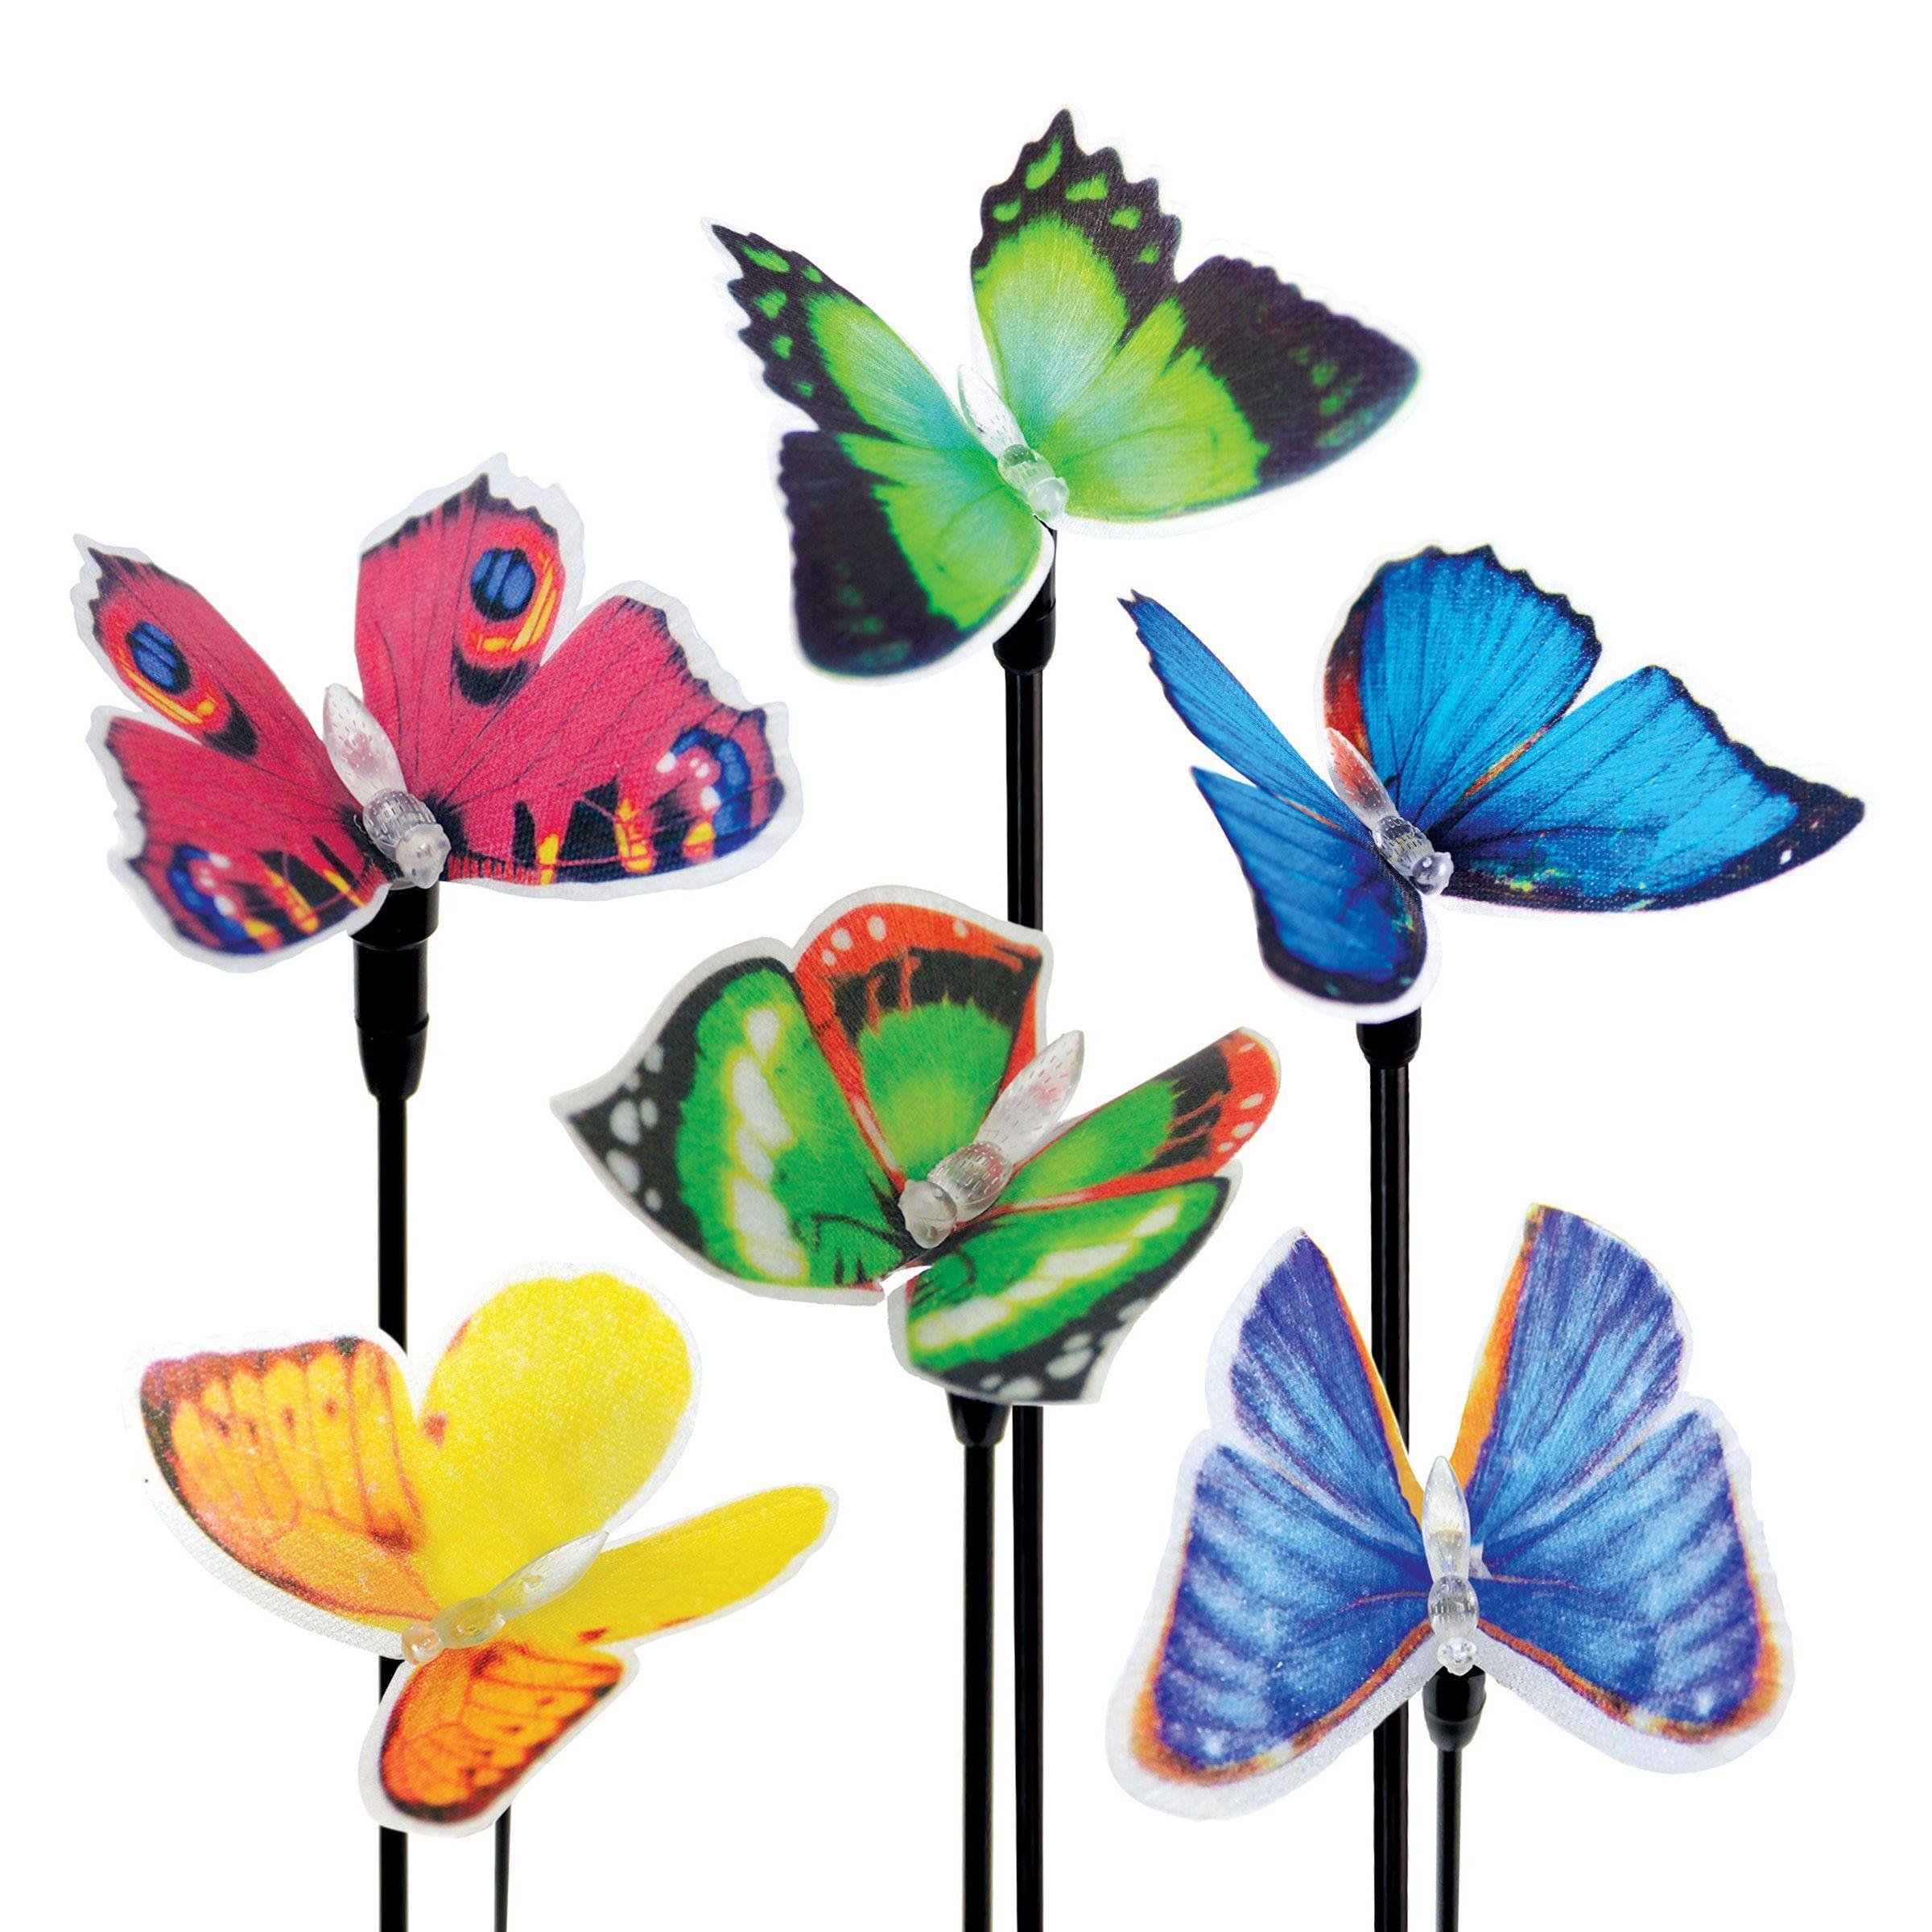 Estaca Solar De Fibra óptica De La Mariposa Jardín De Seis Pedazos Set 5 Por 26 Pulgadas Butterfly Garden Decorative Garden Stakes Solar Powered Led Lights